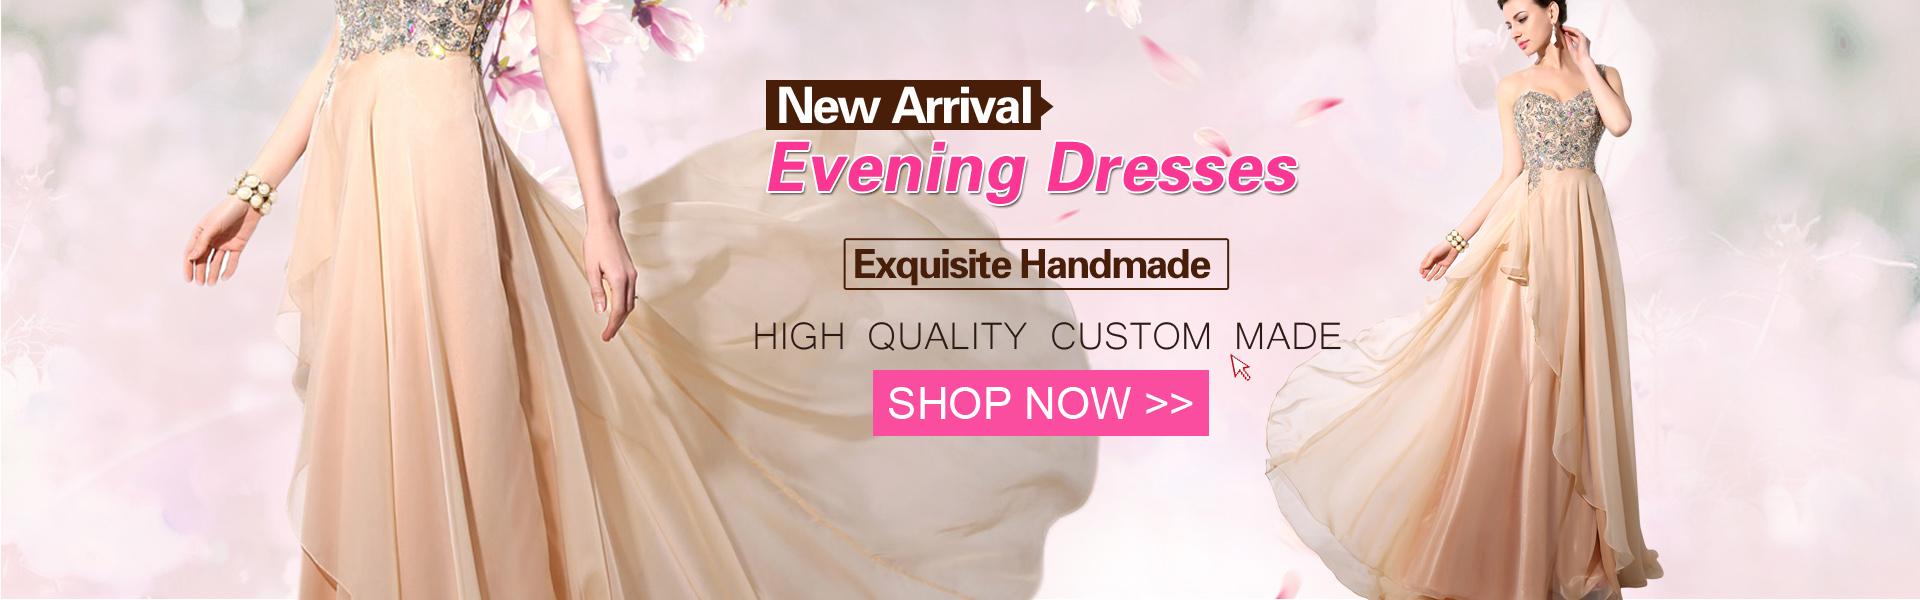 4d0d3c06a47a La fabbrica più professionale weddingevents su dhgate!Damagicdress2011-Abito  da sposa fabbrica